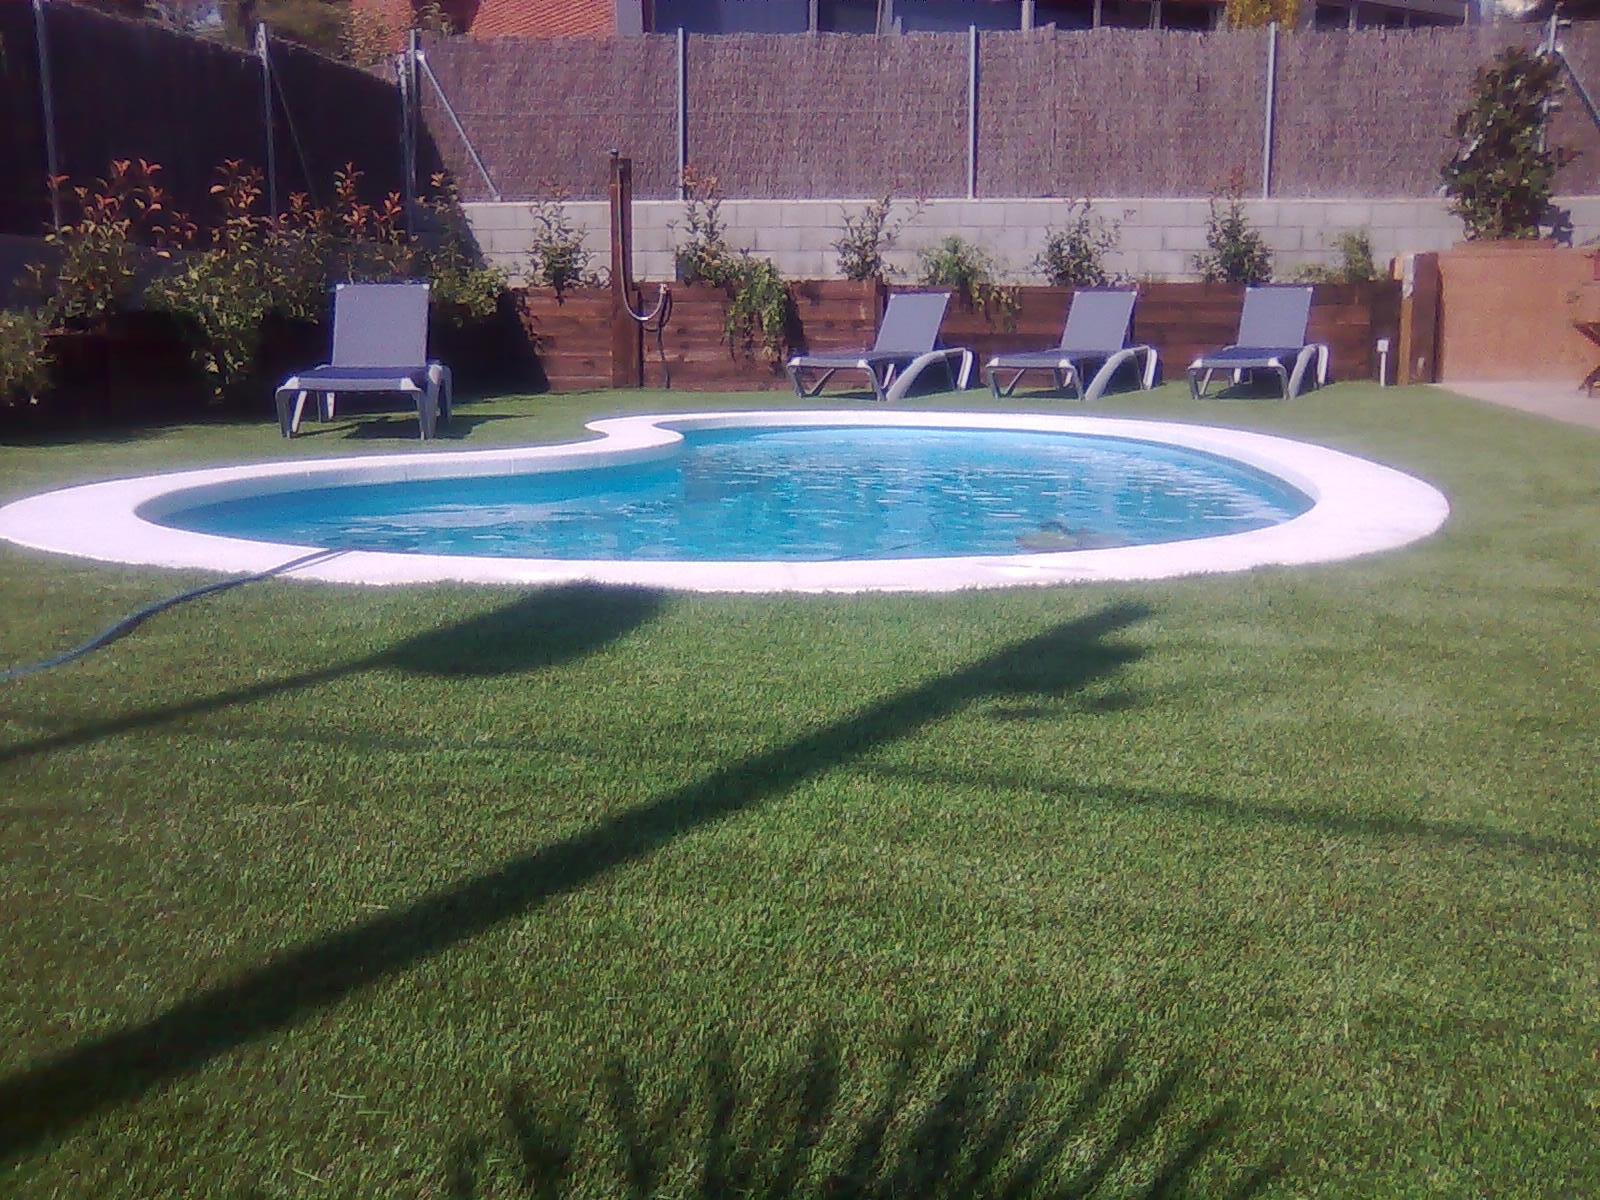 Jardineria paisajes dise o y construccion de jardines - Diseno de paisajes y jardines ...